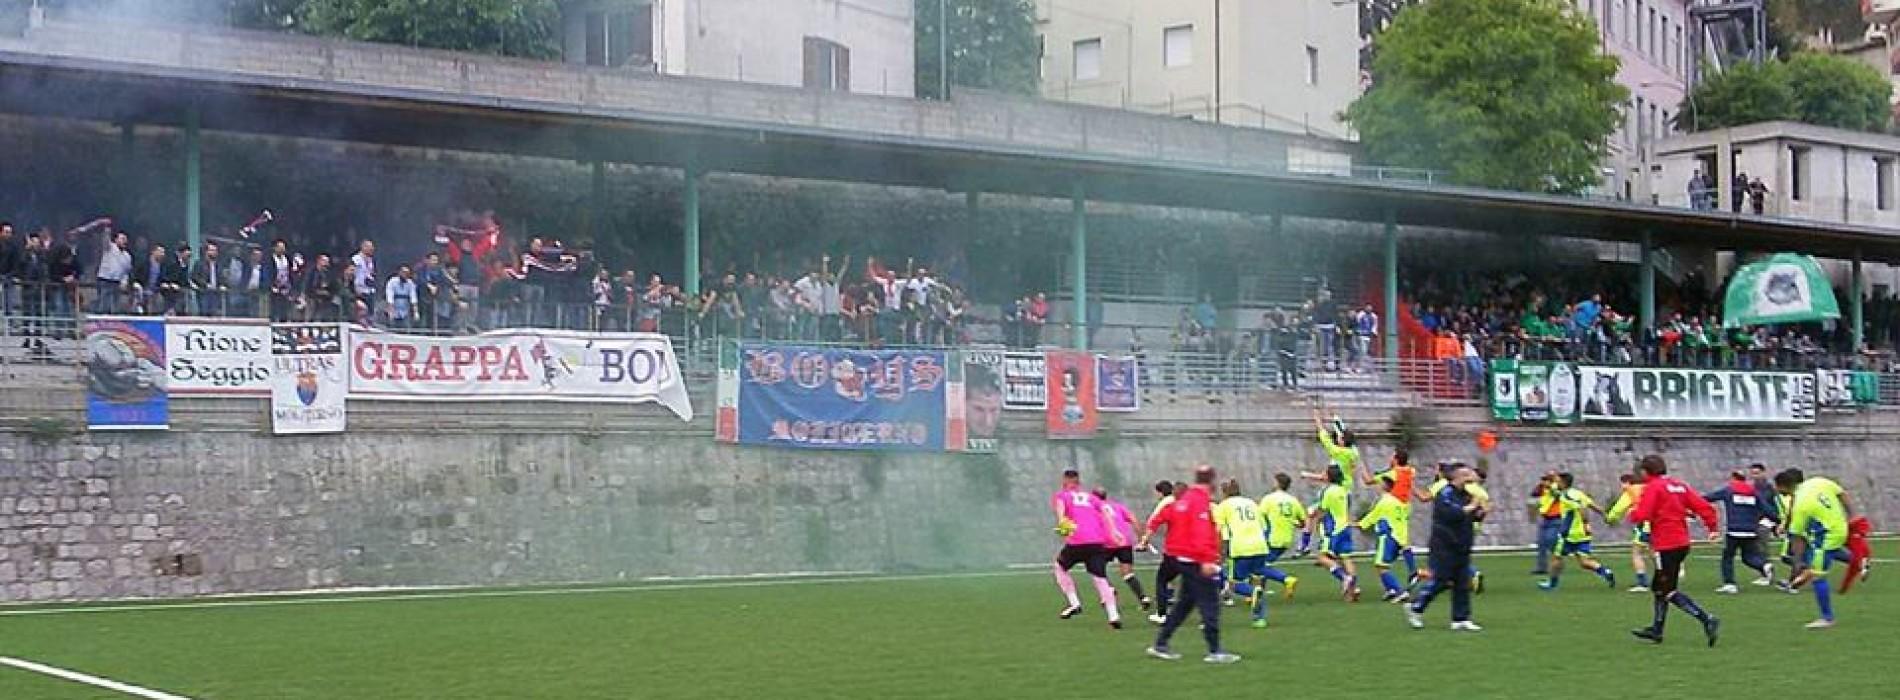 Il Moliterno vince la Supercoppa regionale. Battuto il Rotonda calcio per 3-0